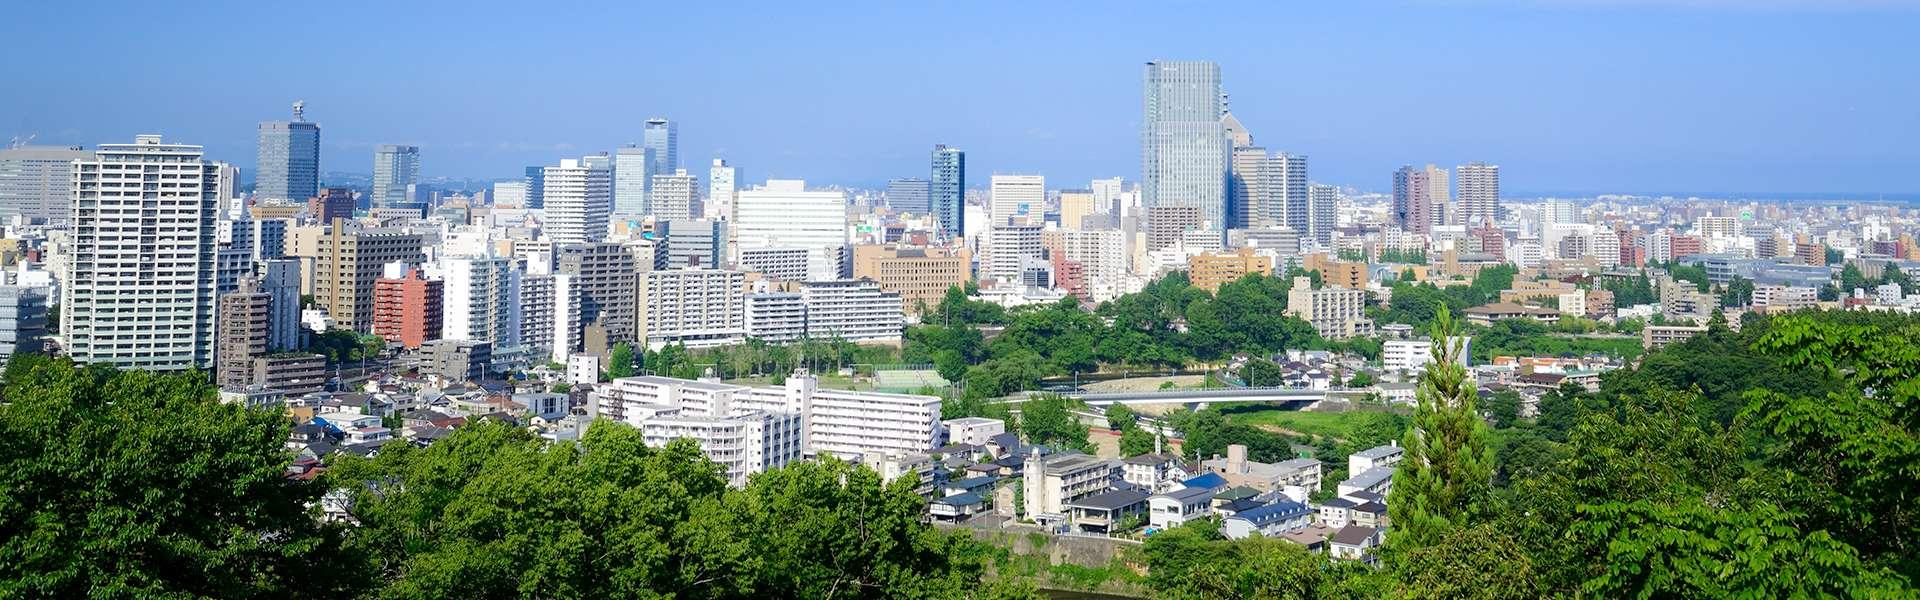 » 仙台市について